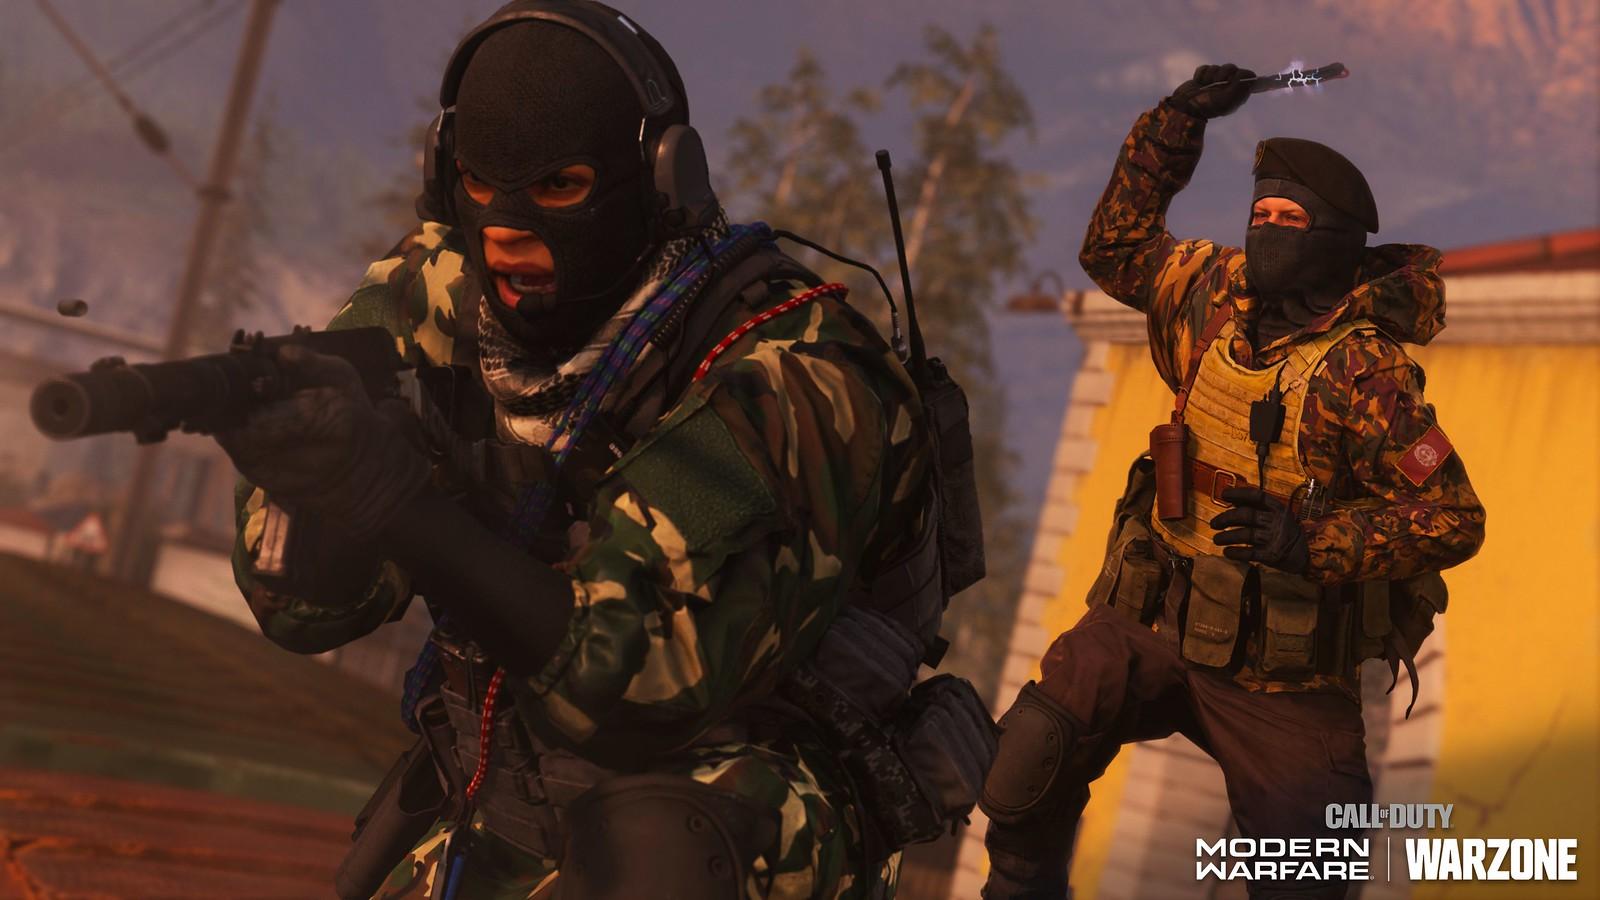 Call of Duty: Modern Warfare & Warzone